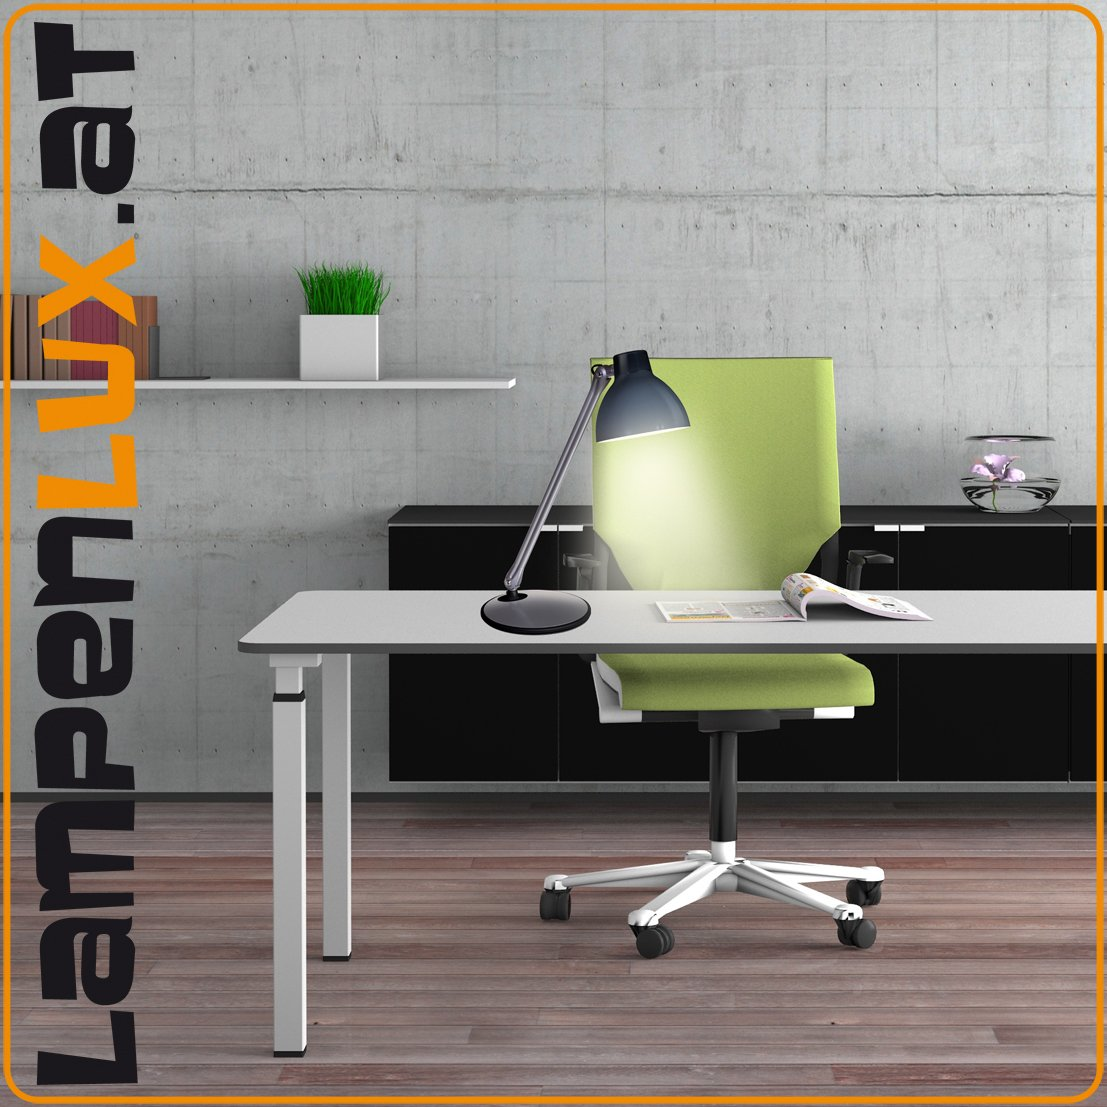 lampenlux led tischlampe pany schreibtischlampe b rolampe schwenkbar drehbahr schalter pany. Black Bedroom Furniture Sets. Home Design Ideas